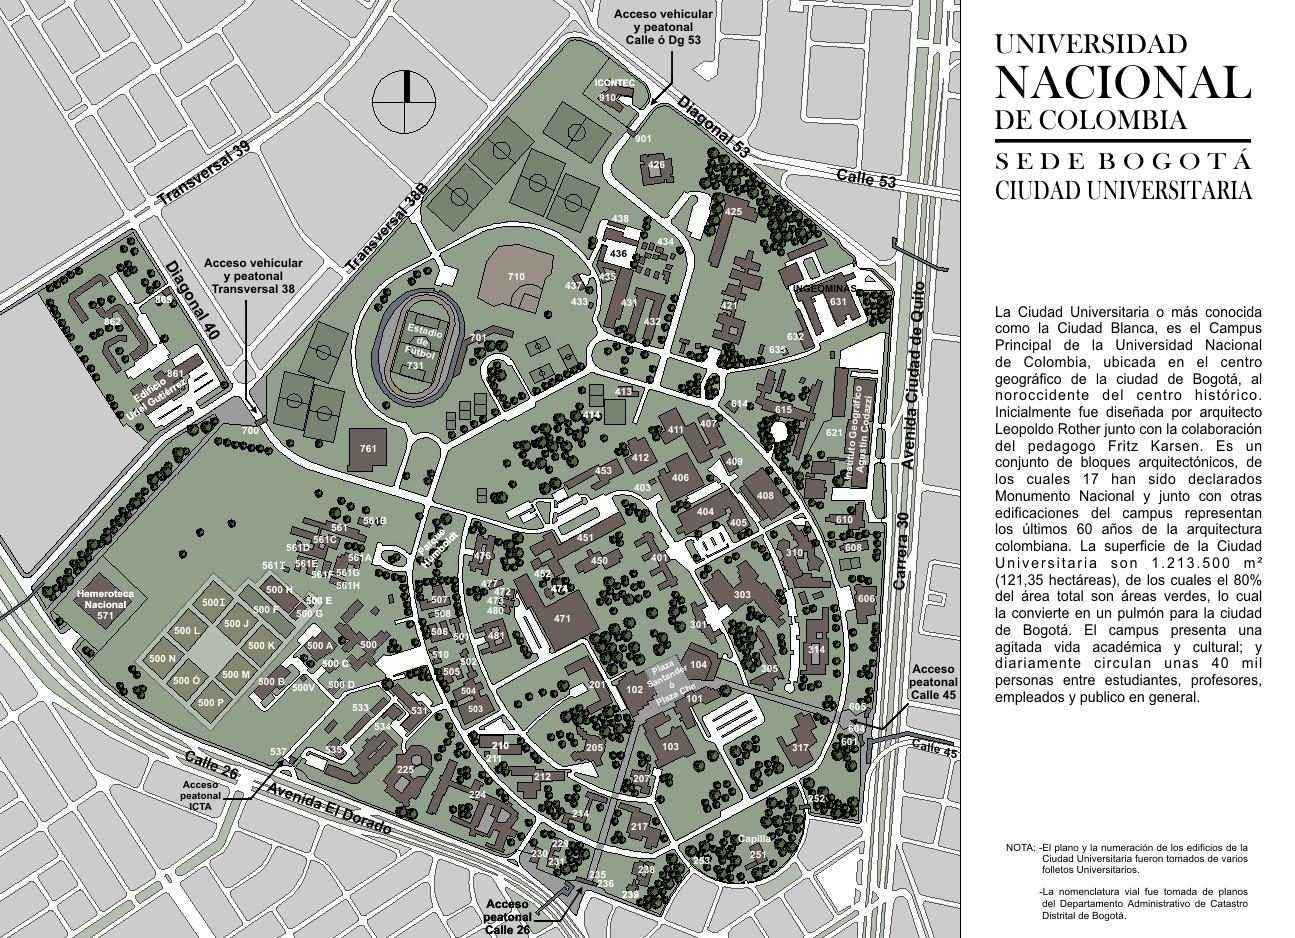 ... de la universidad, con el proyecto Plan de Renovación Urbana del CAN